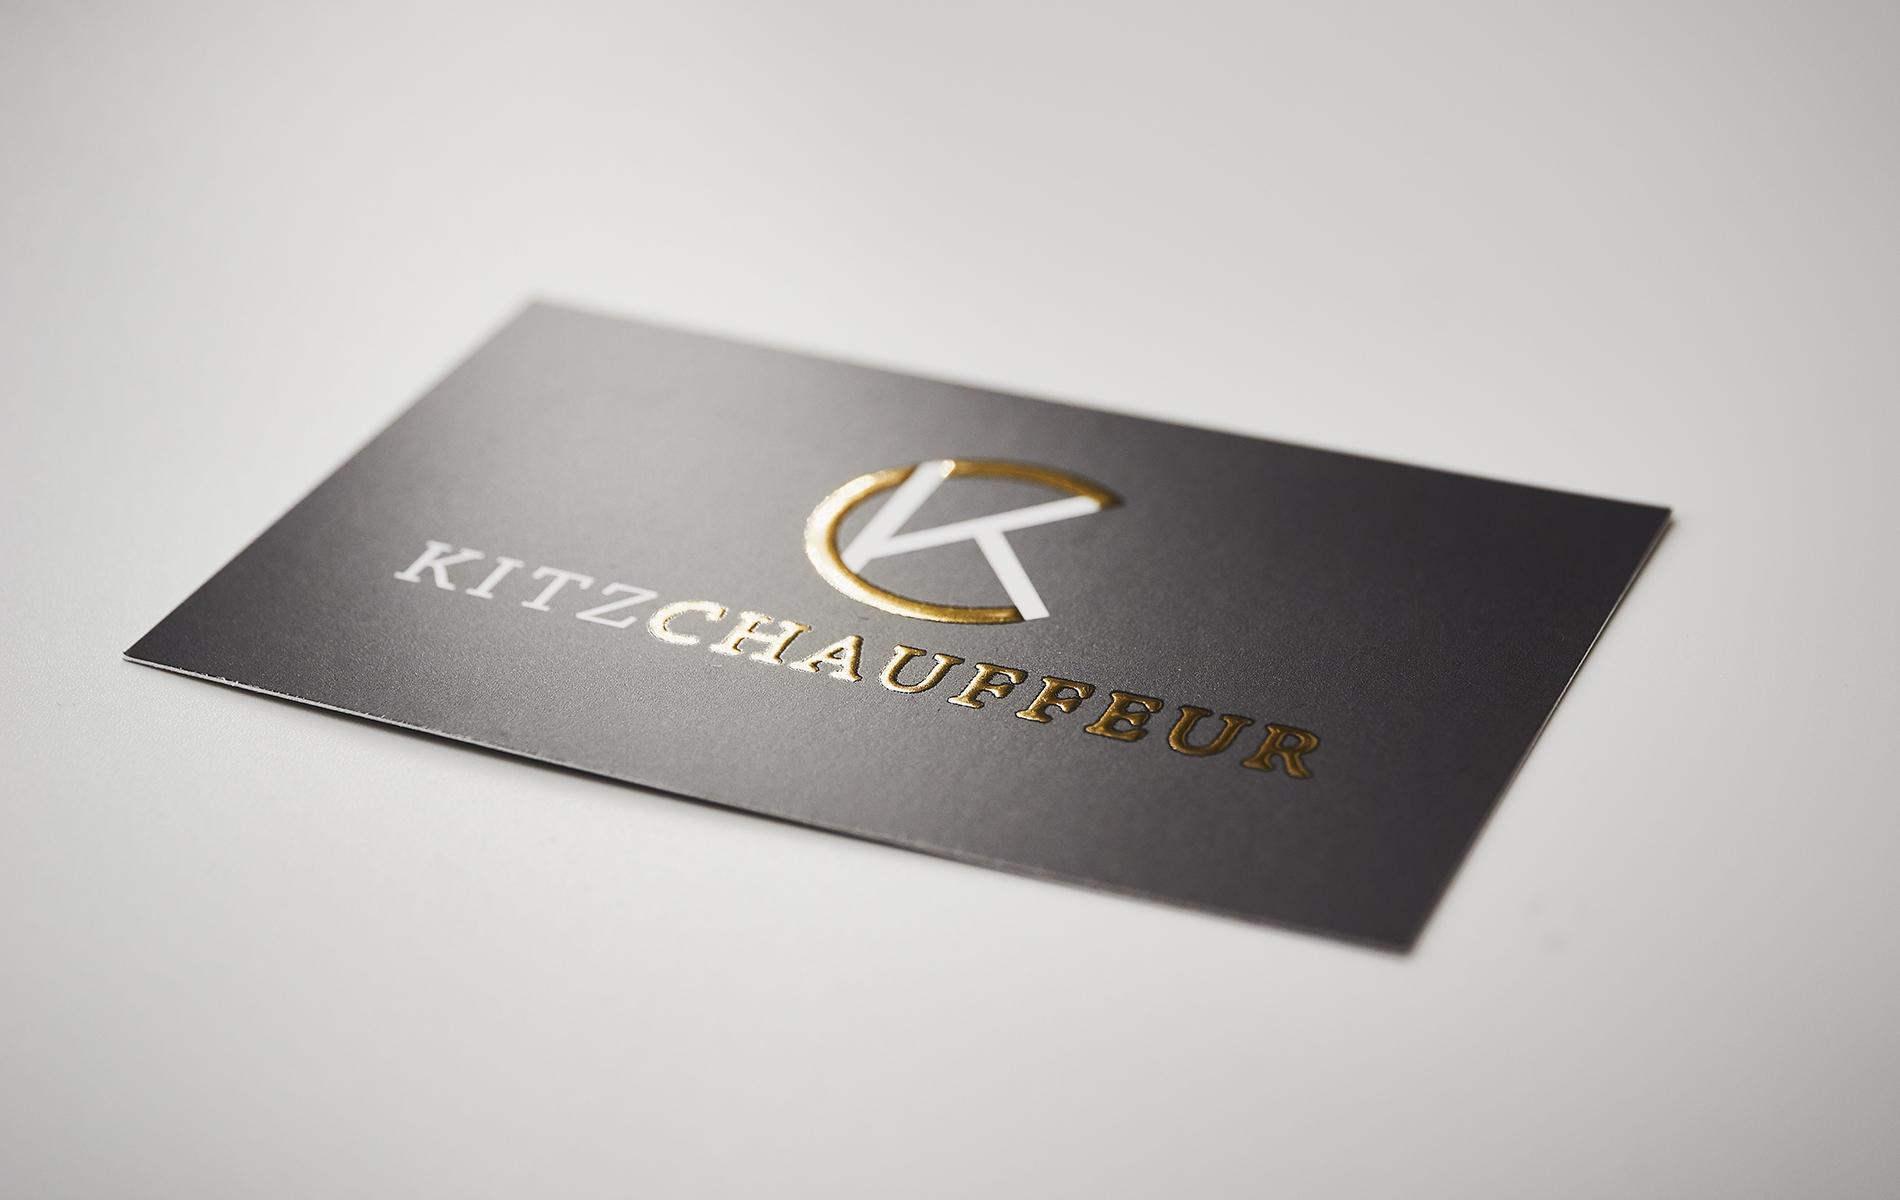 Kitz Chauffeur Visitenkarten Kirchner Kirchner